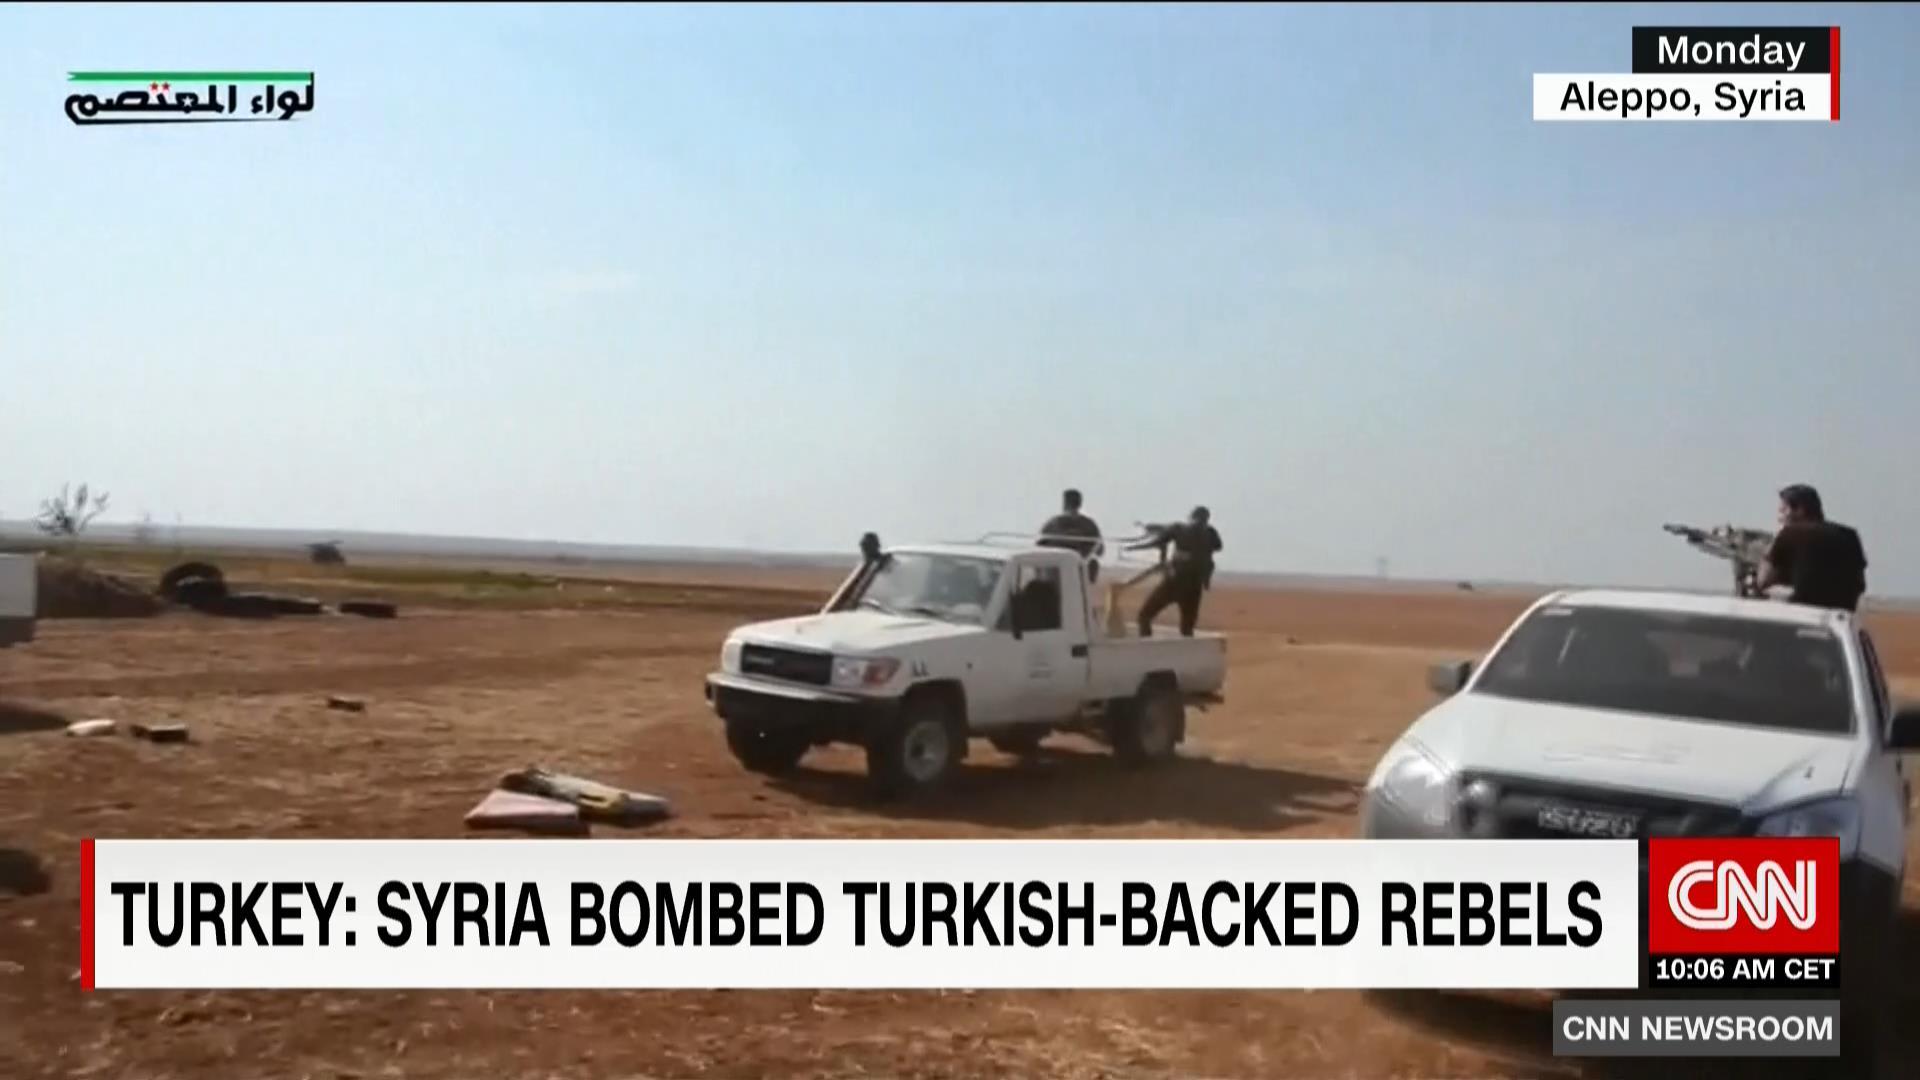 """لأول مرة منذ انطلاق """"درع الفرات"""".. جيش الأسد يستهدف """"الجيش الحر"""" المدعوم من تركيا"""